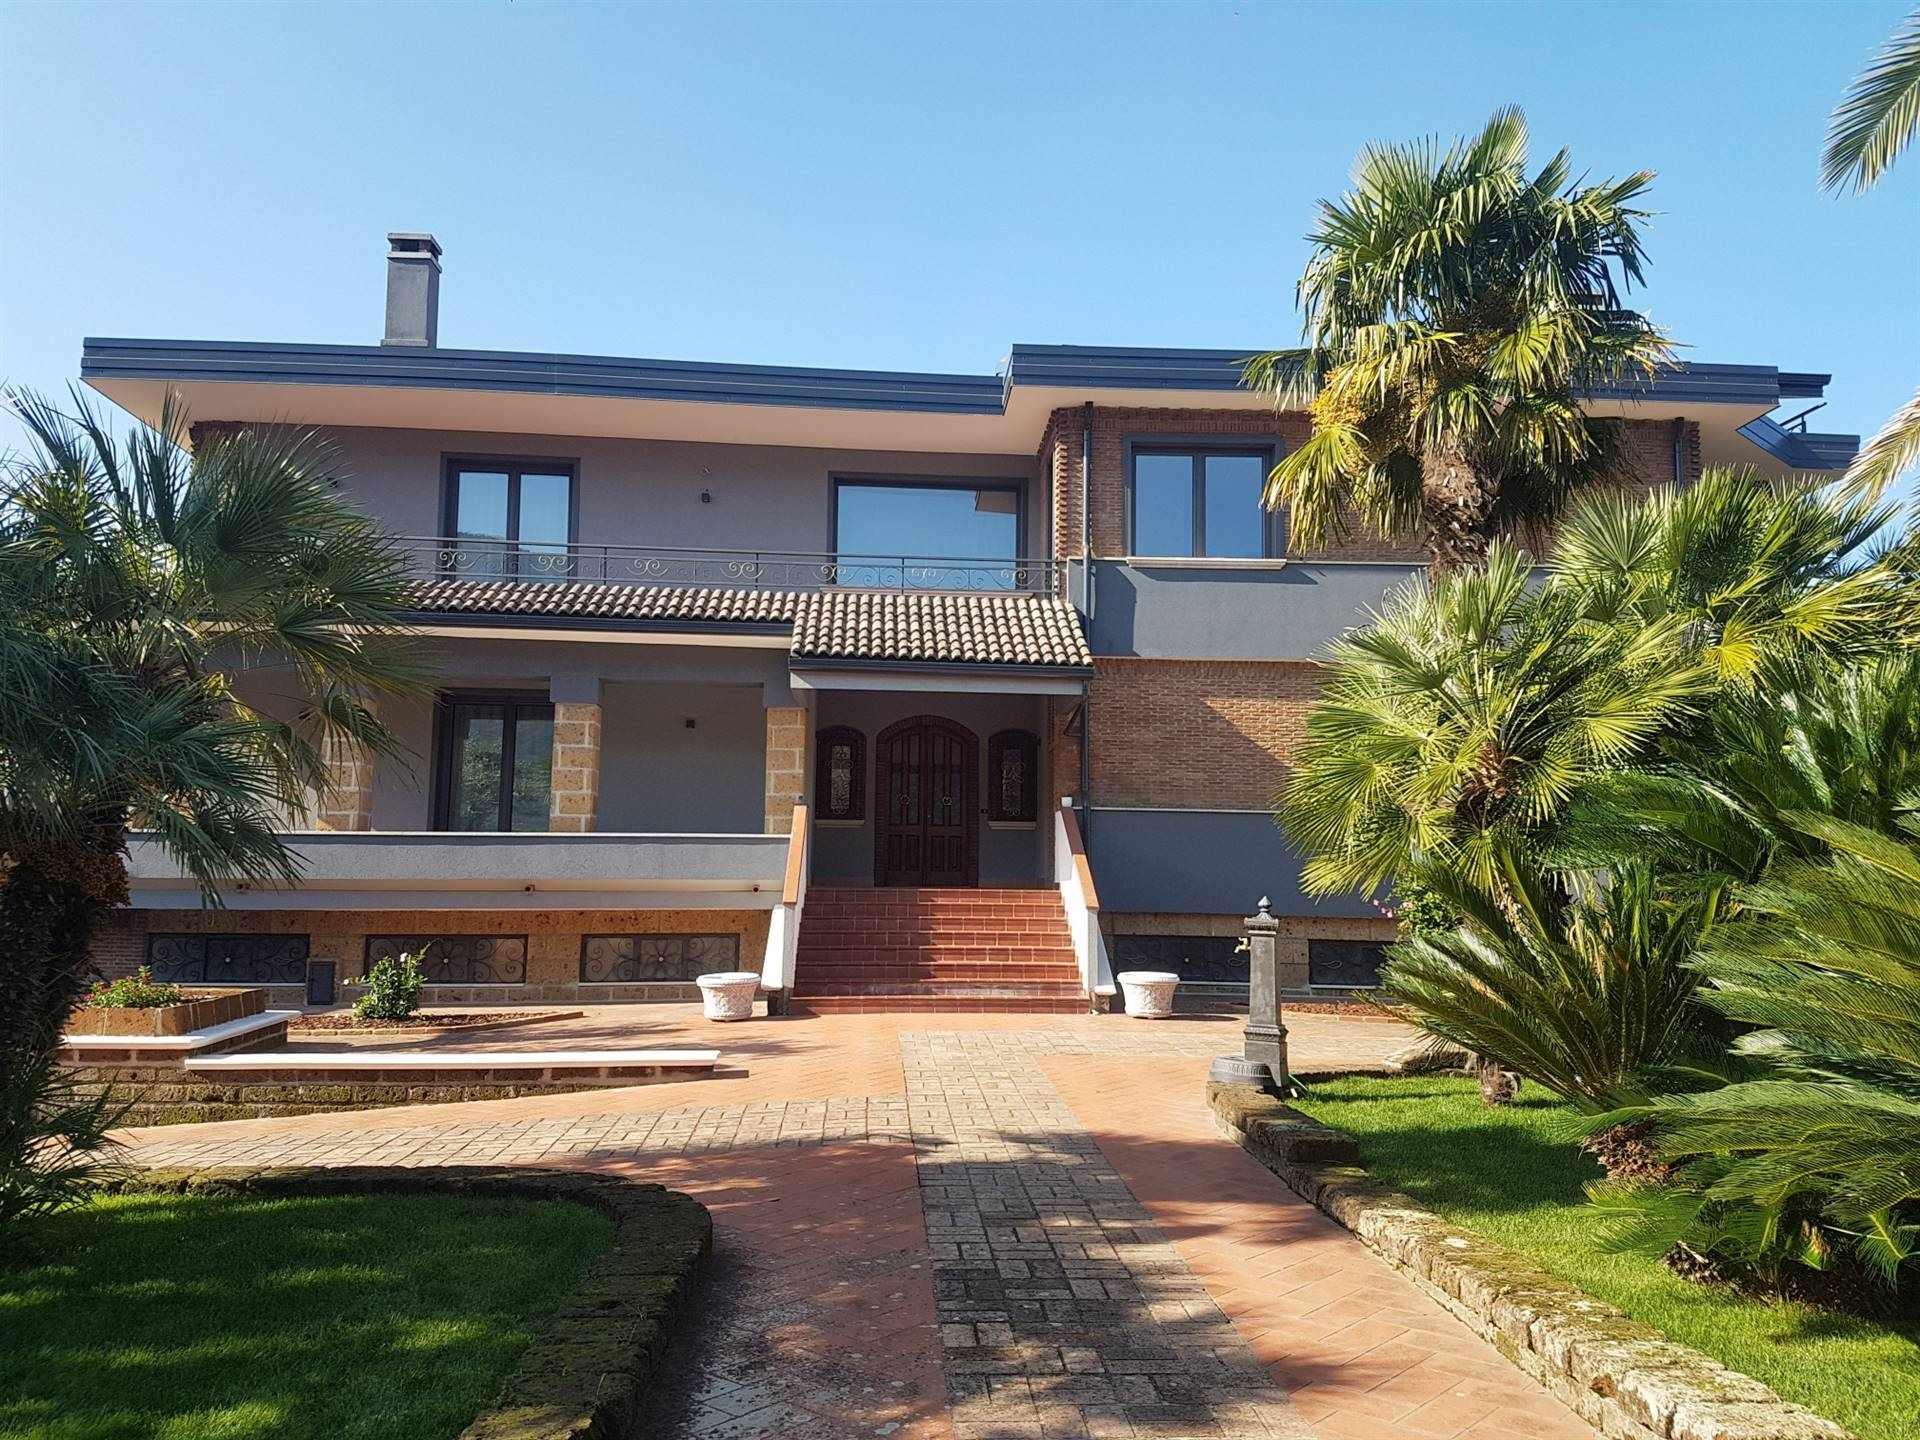 Villa in vendita a San Michele di Serino, 8 locali, prezzo € 670.000 | CambioCasa.it